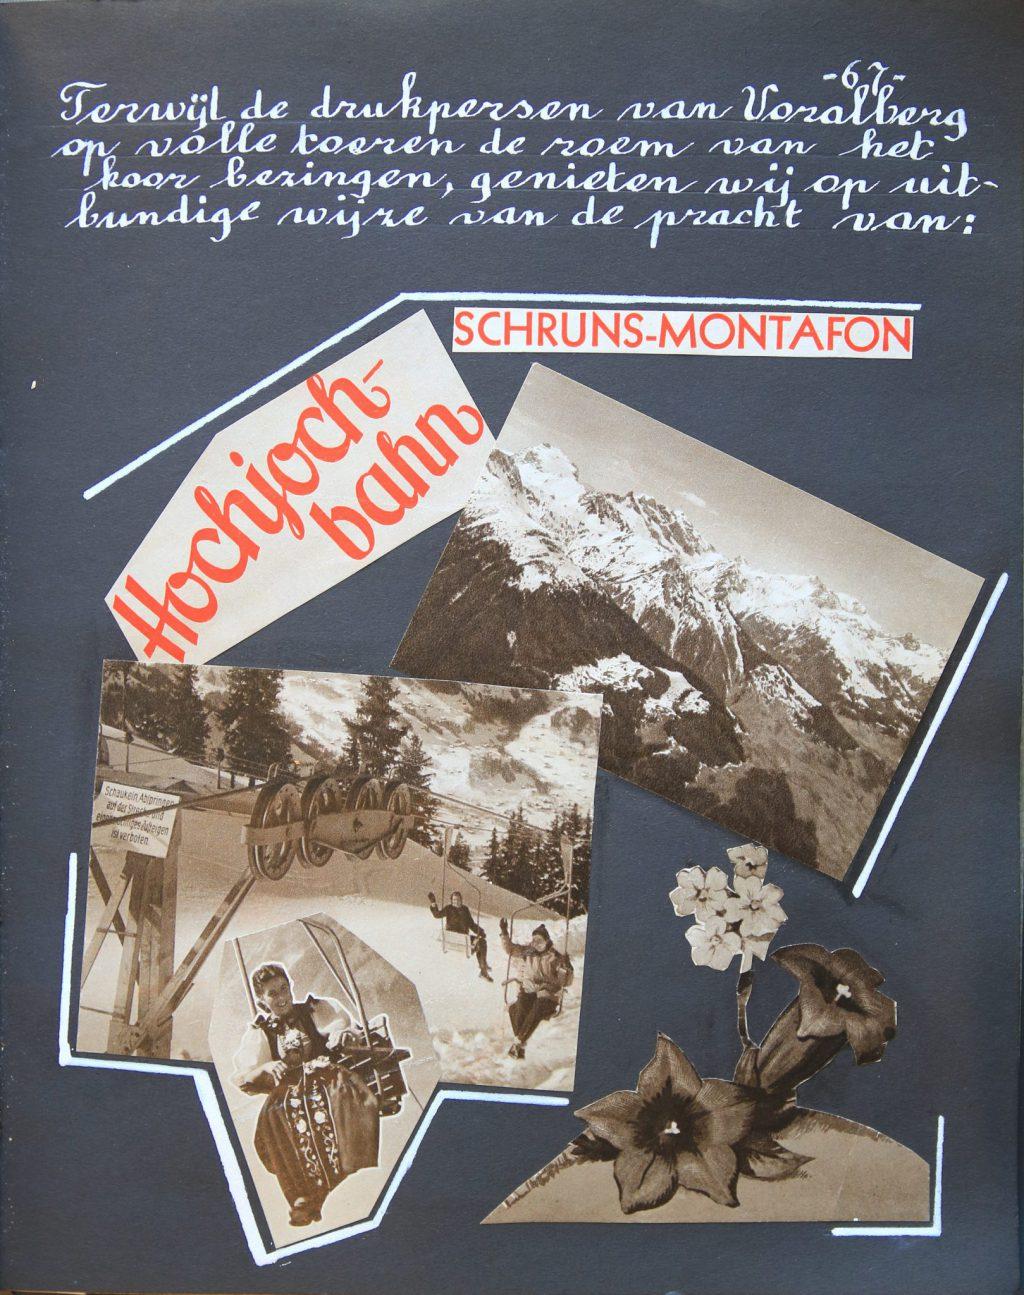 Plakboek met jaaroverzicht, foto's en knipsels van het Madrigaalkoor, 1954 (Archief 839 inv.nr 9)